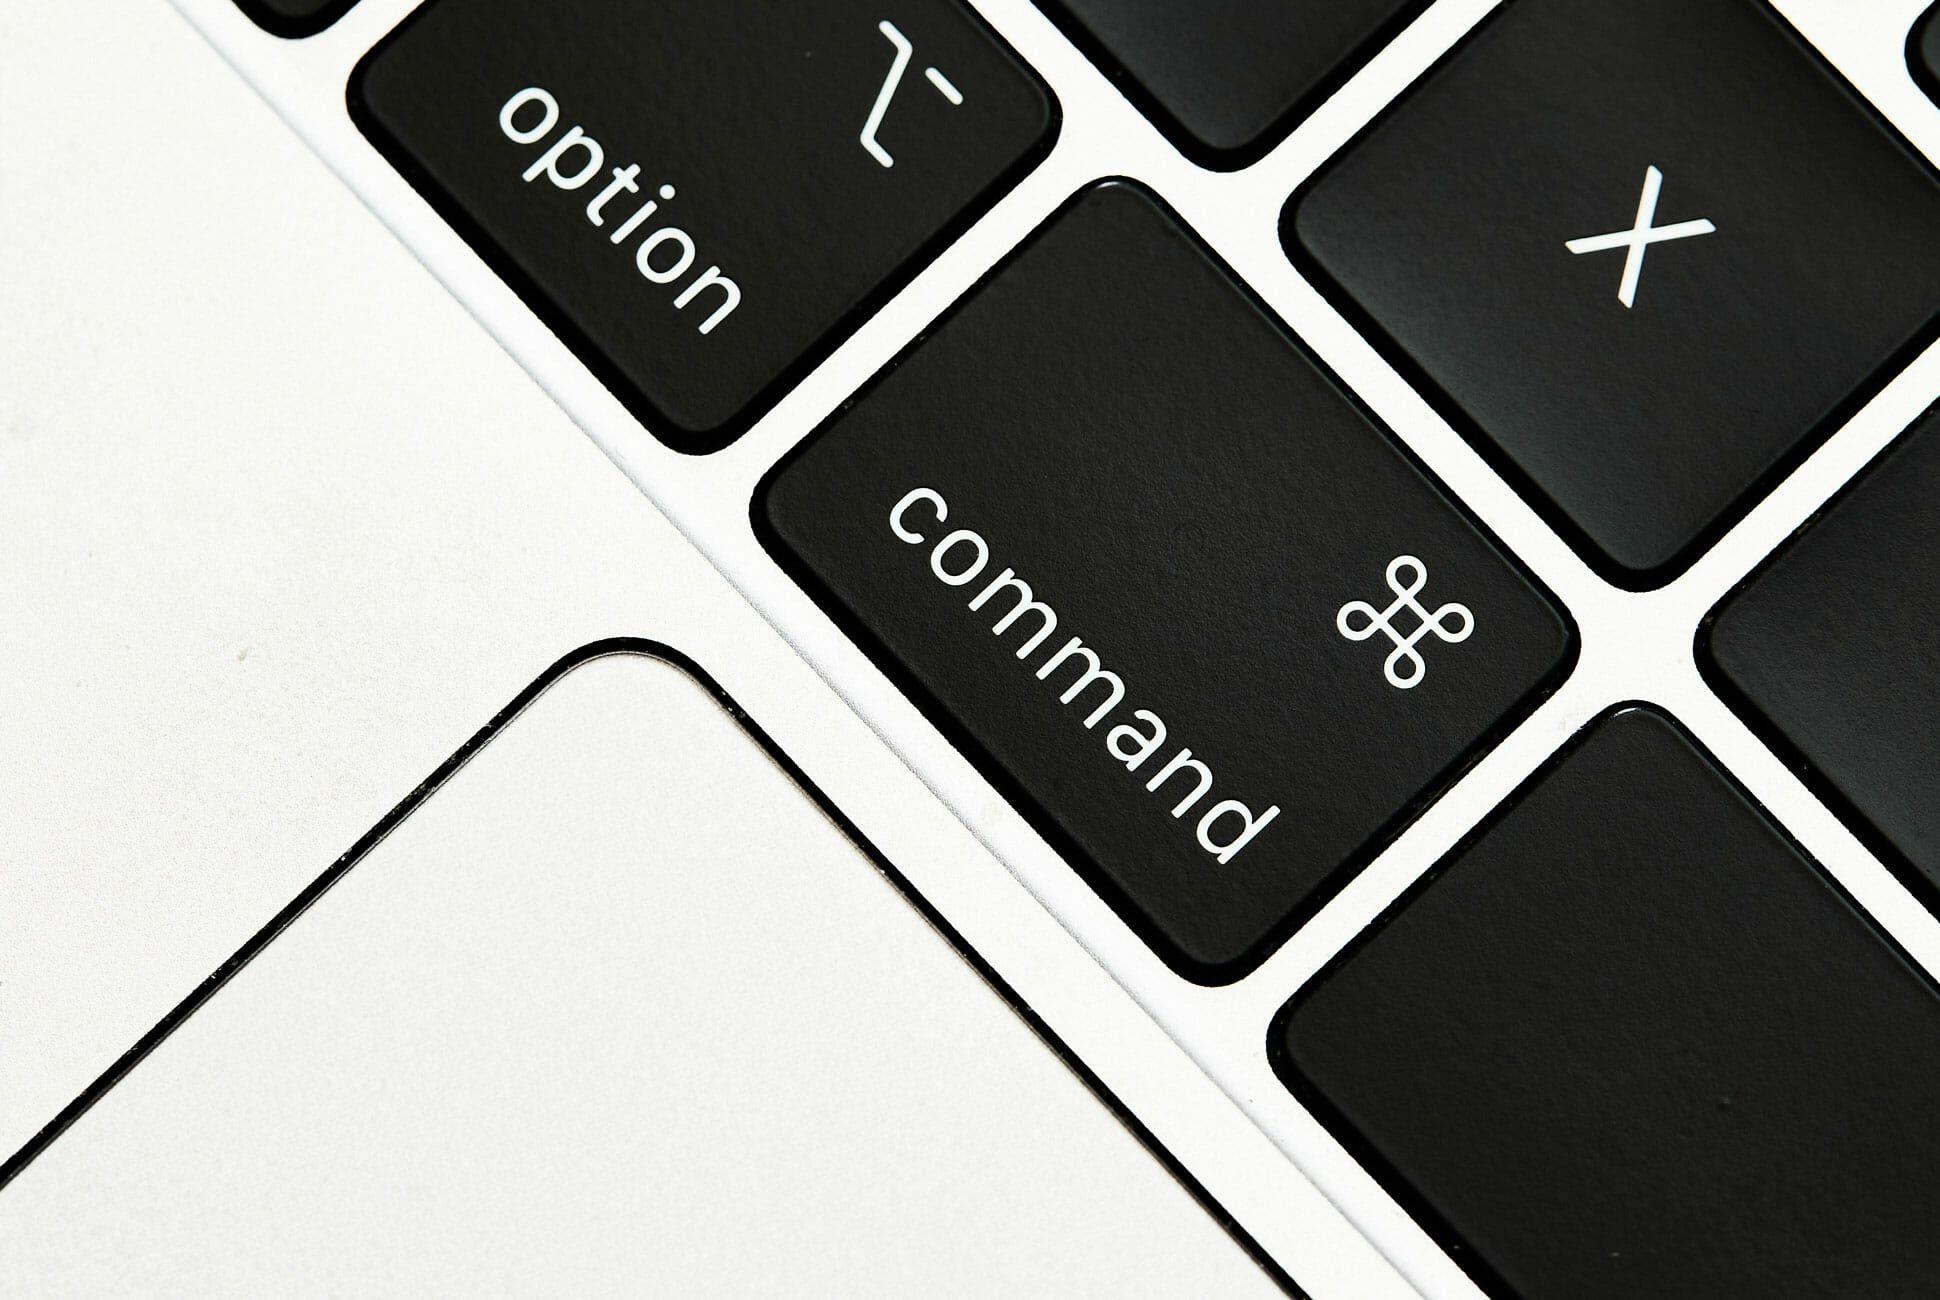 کلیدهای کنترلی صفحه کلید اپل شامل کلید Command هم میشوند.